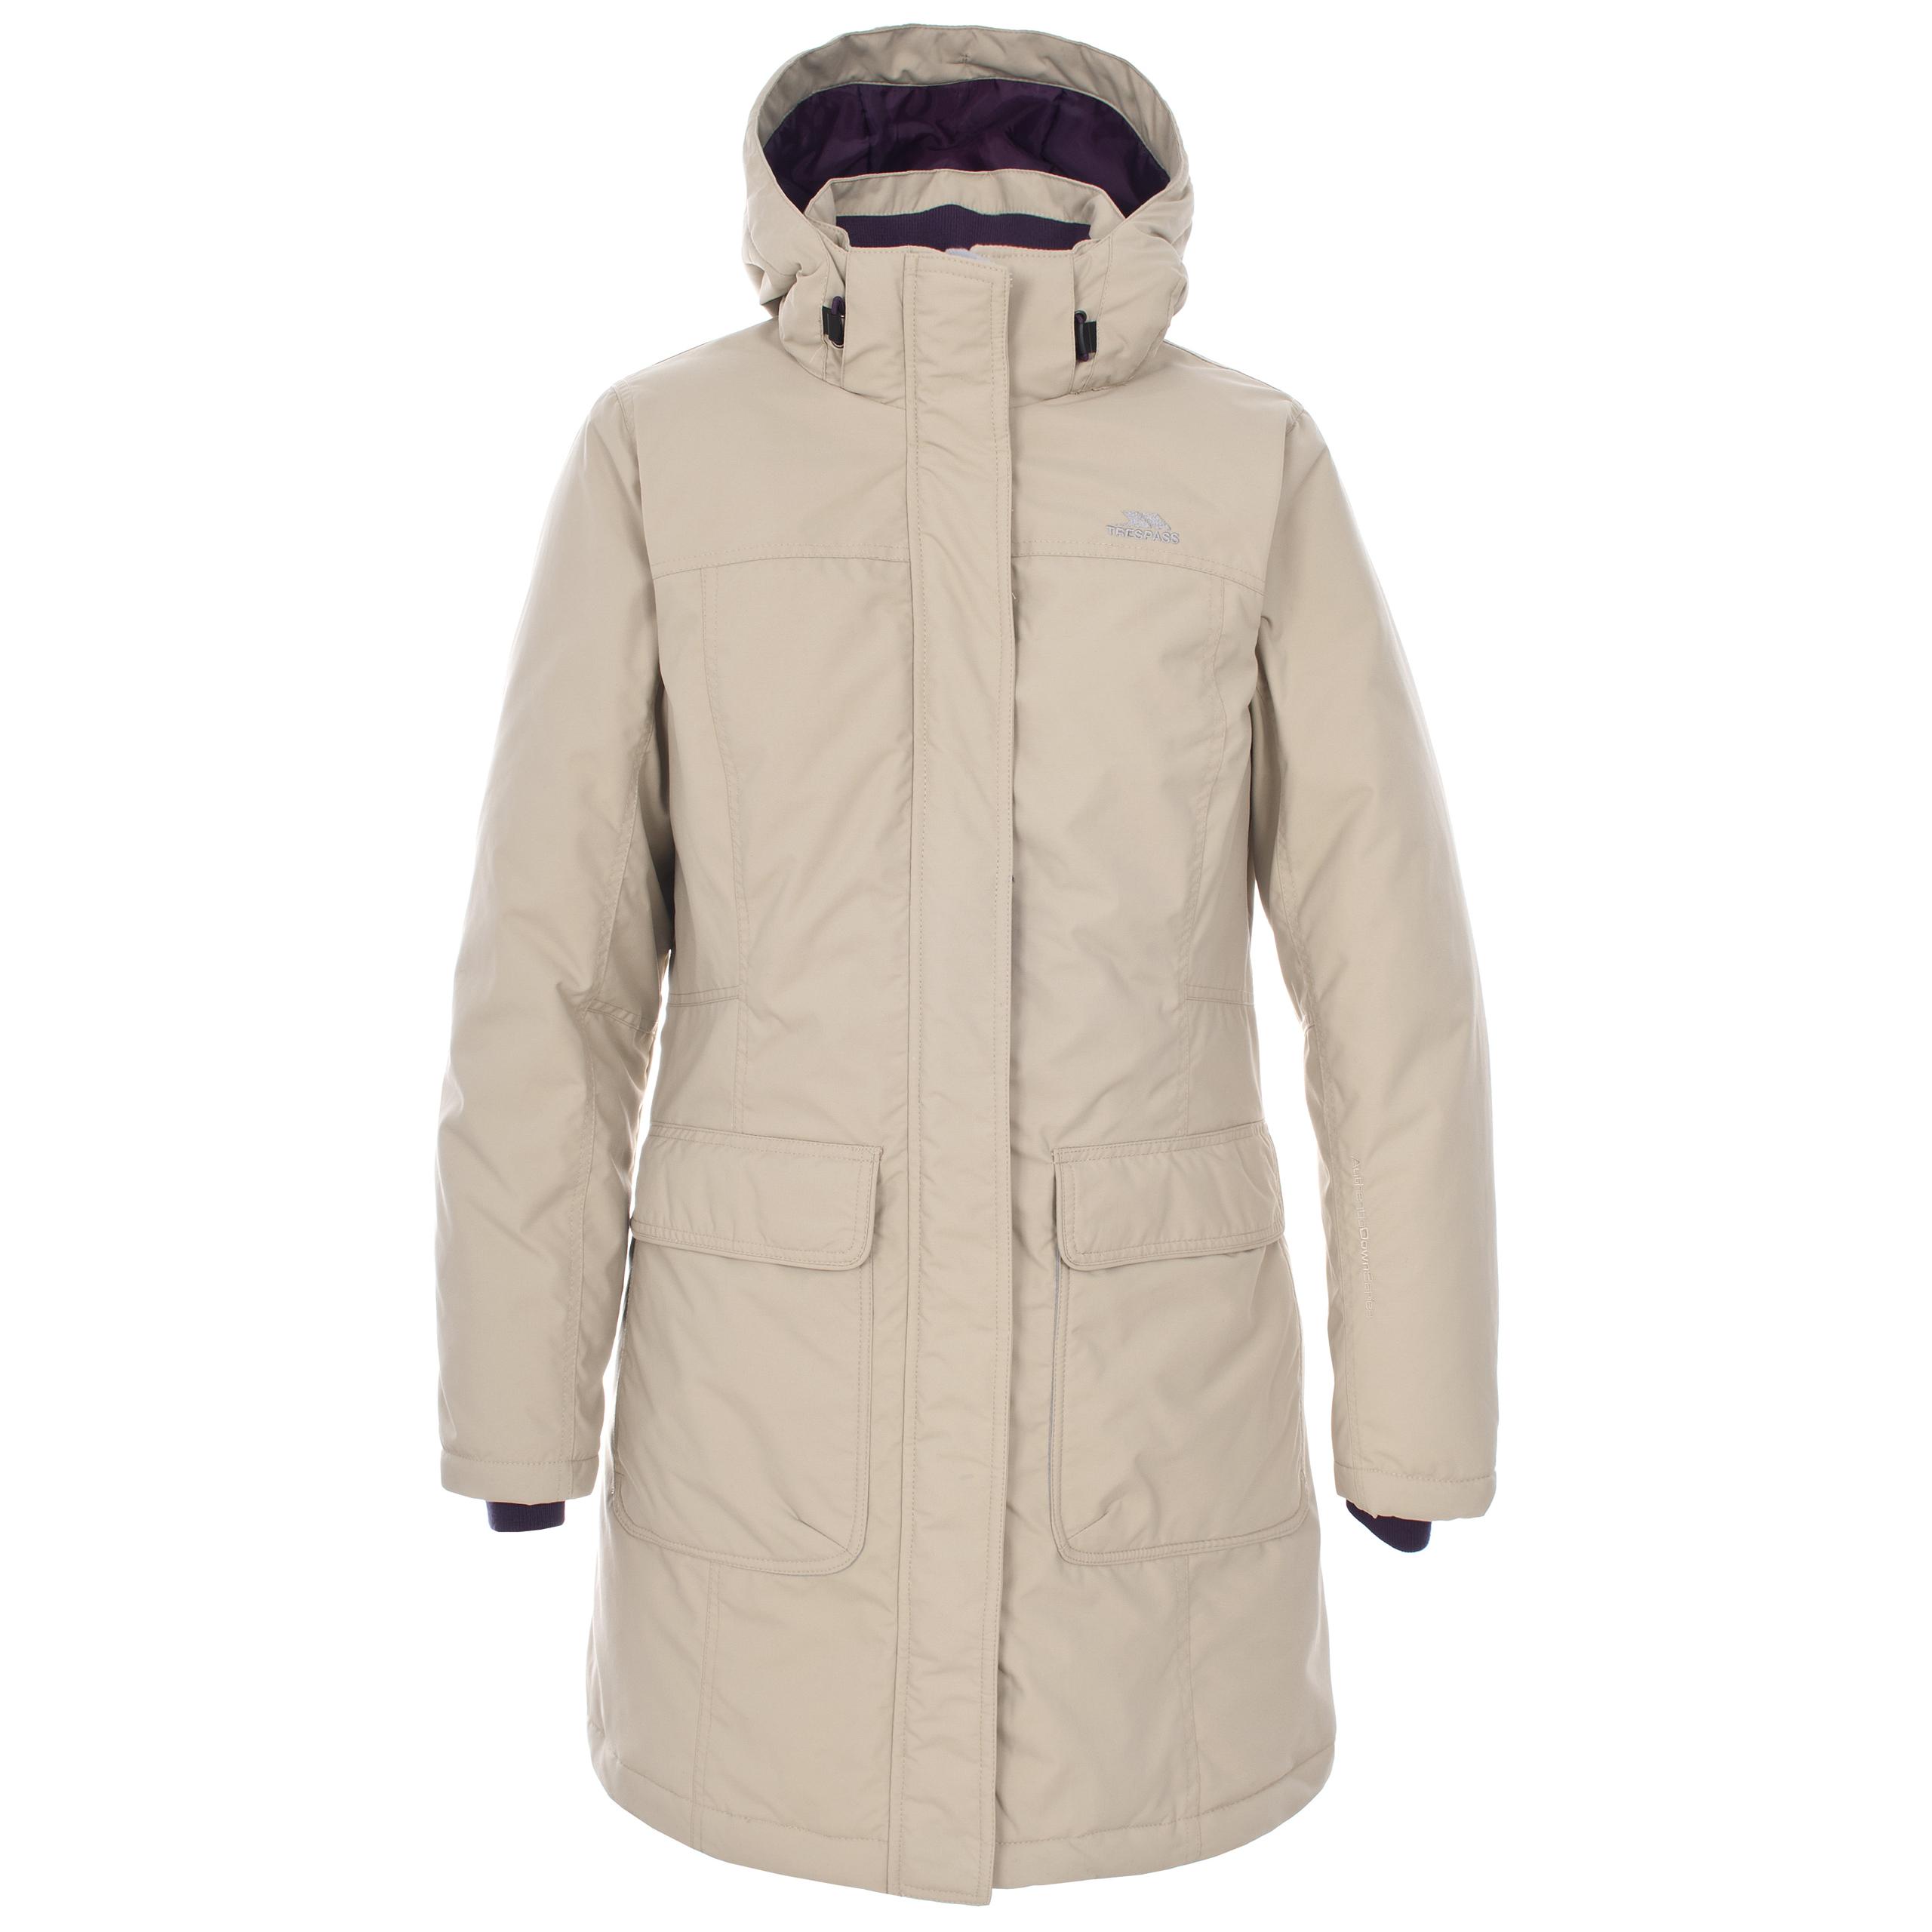 Trespass womens coats